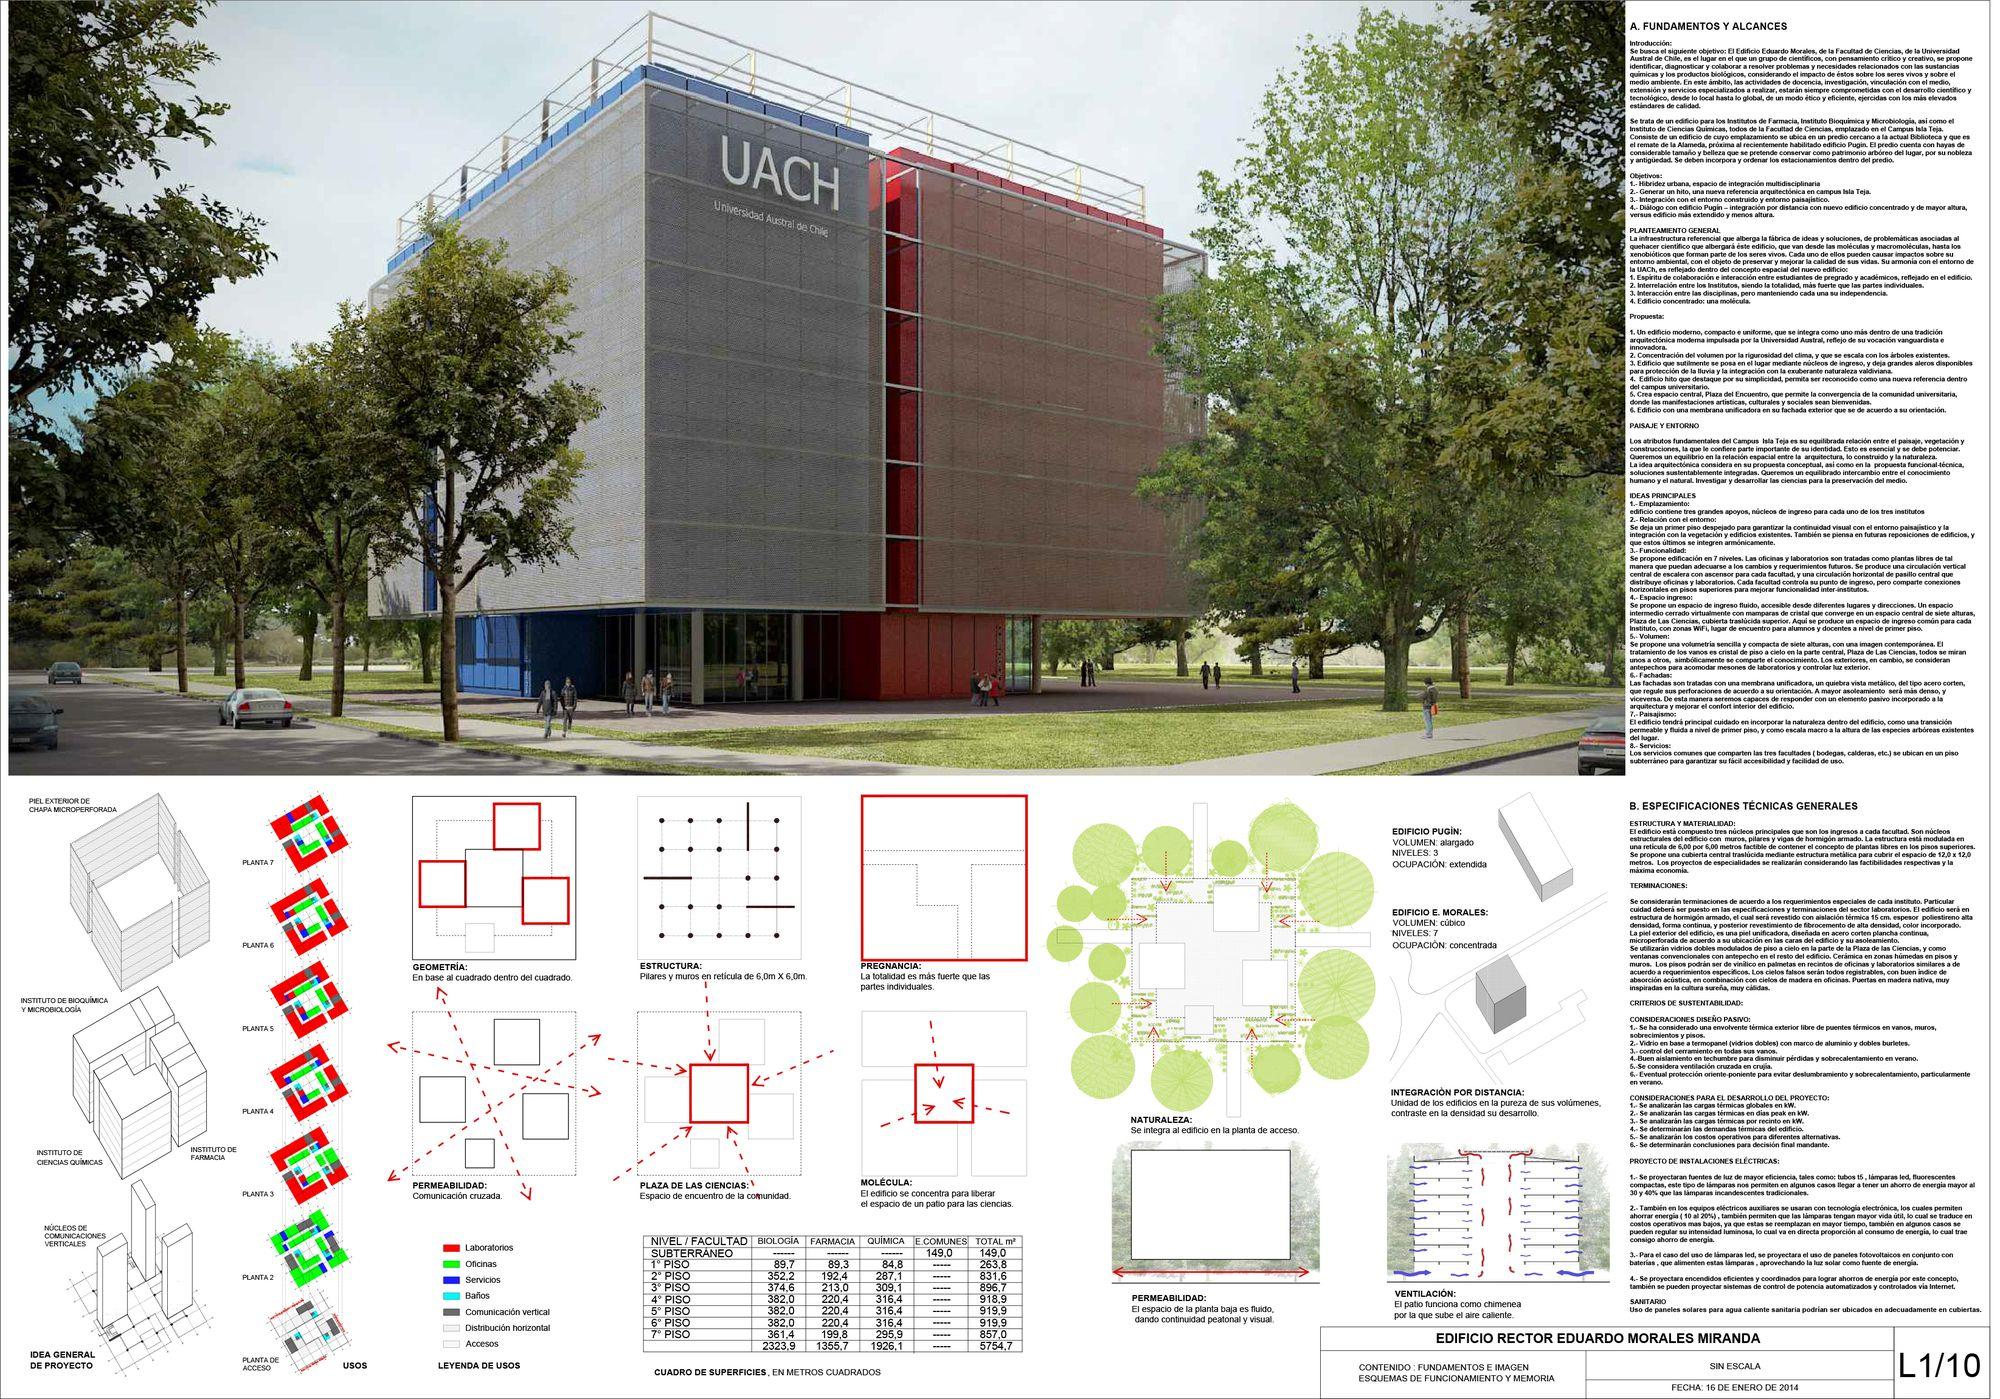 5326ffddc07a8042fc000241_resultados-concurso-de-ideas-edificio-rector-eduardo-morales-miranda-facultad-de-ciencias-universidad-austral-de-chile_l-mina_.jpg 2.000×1.399 pixels